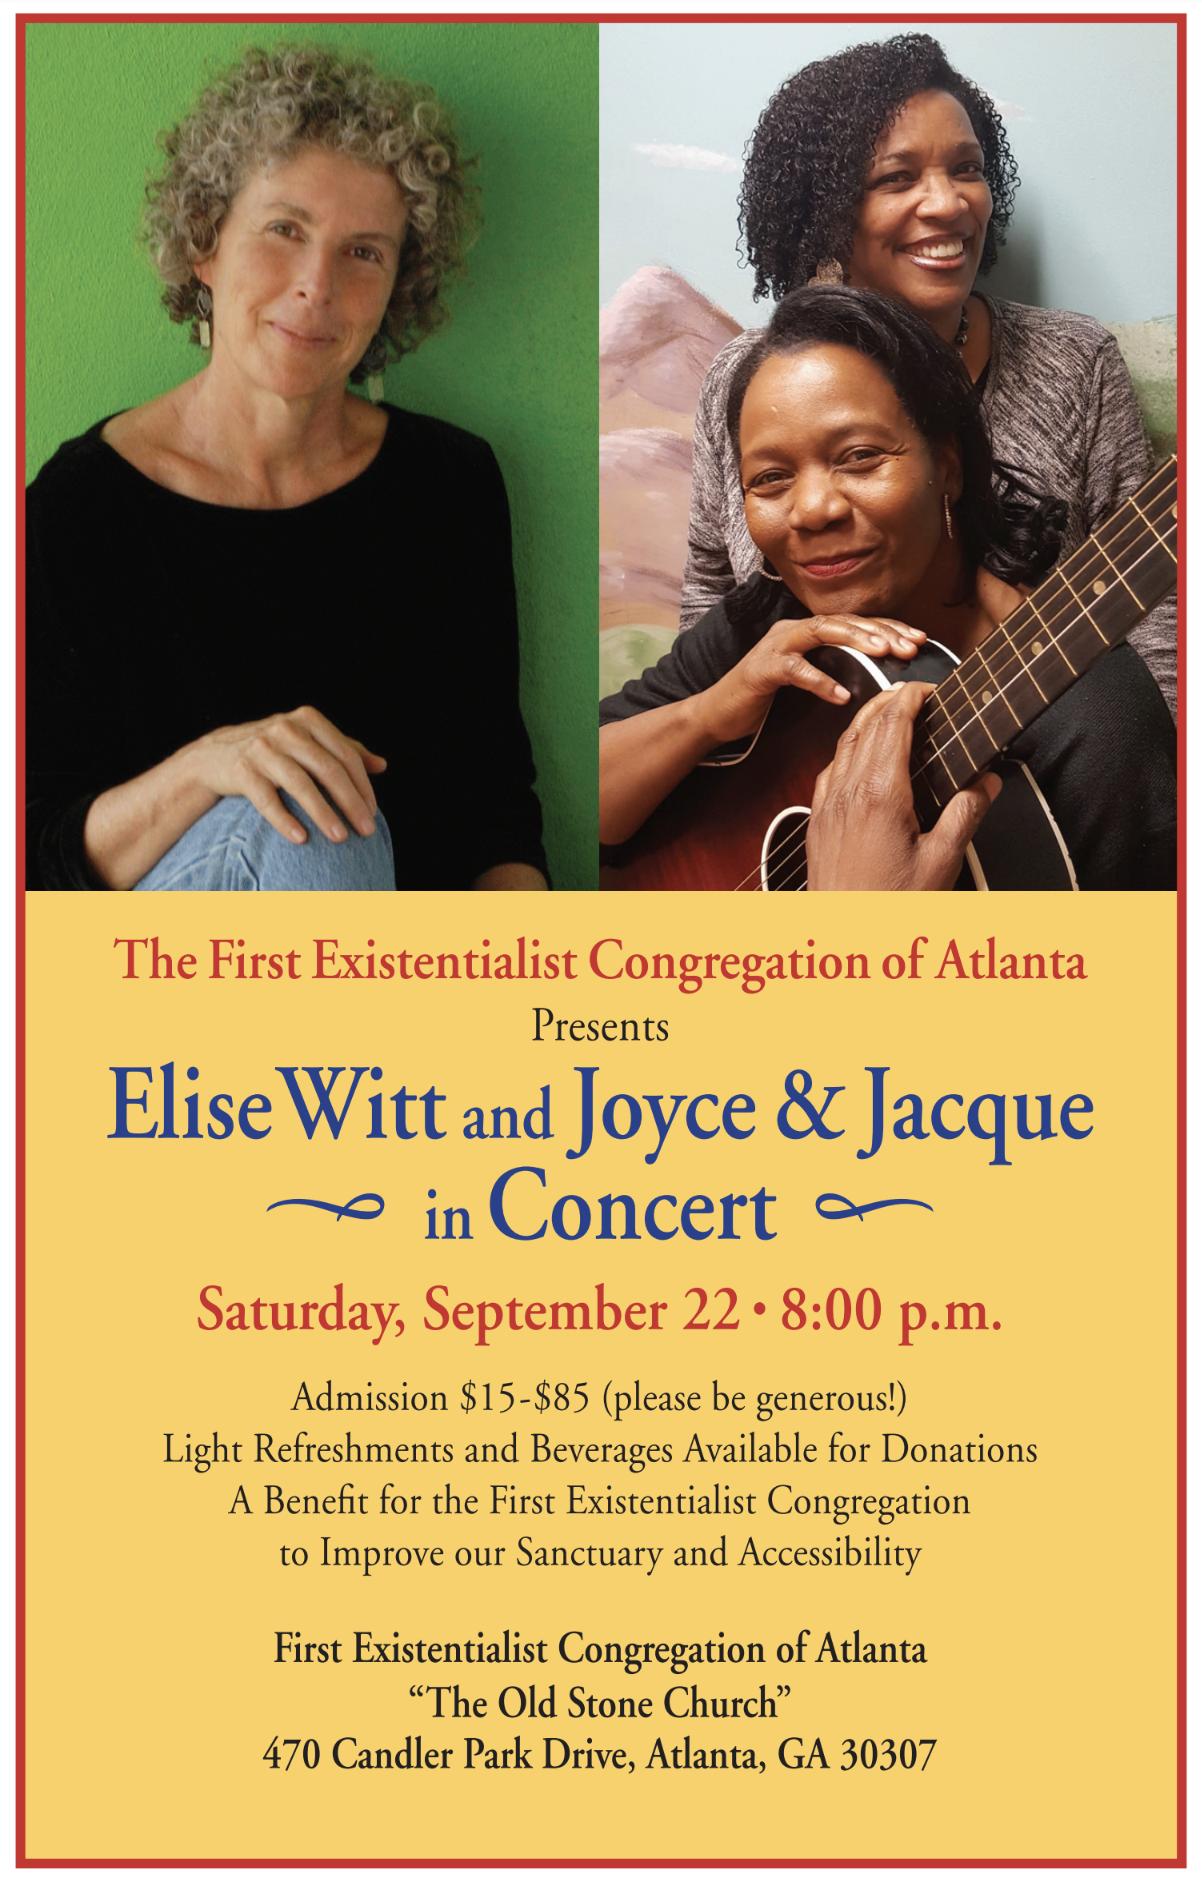 Elise Witt & Joyce and Jacque